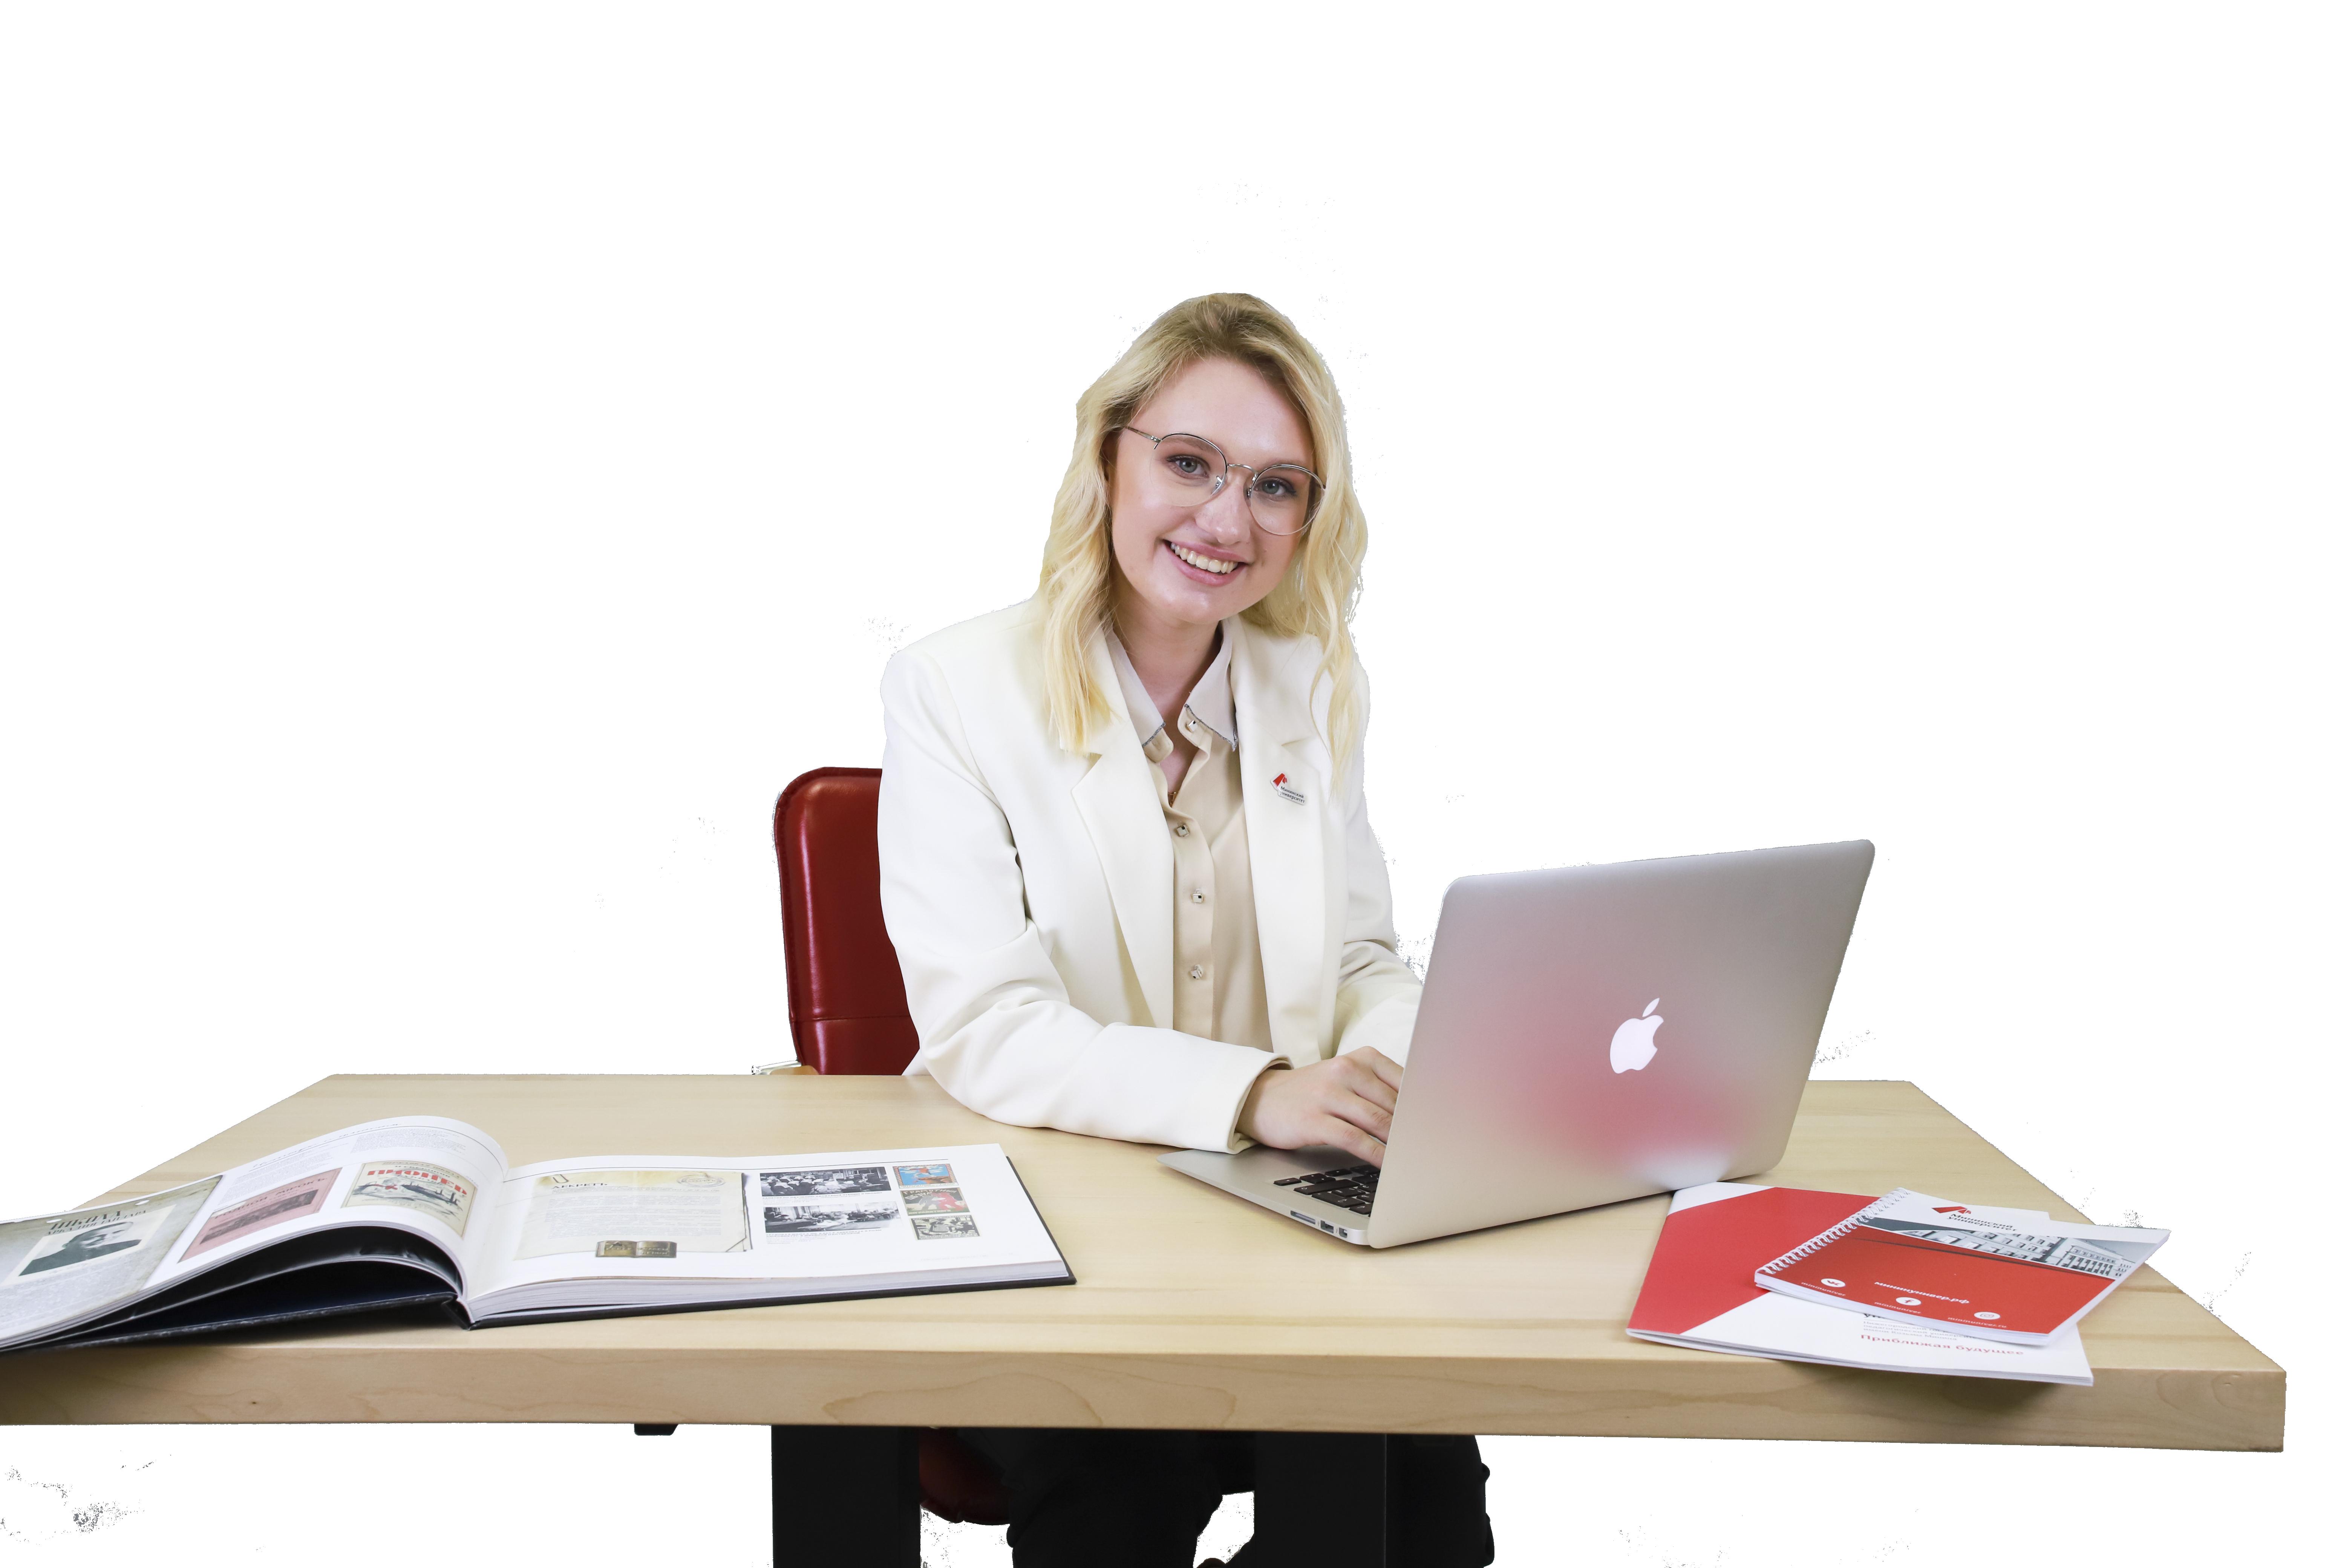 Преподаватели Мининского университета стали спикерами на вебинаре «Психологическая безопасность образовательной среды в контексте реализации Программы воспитания»